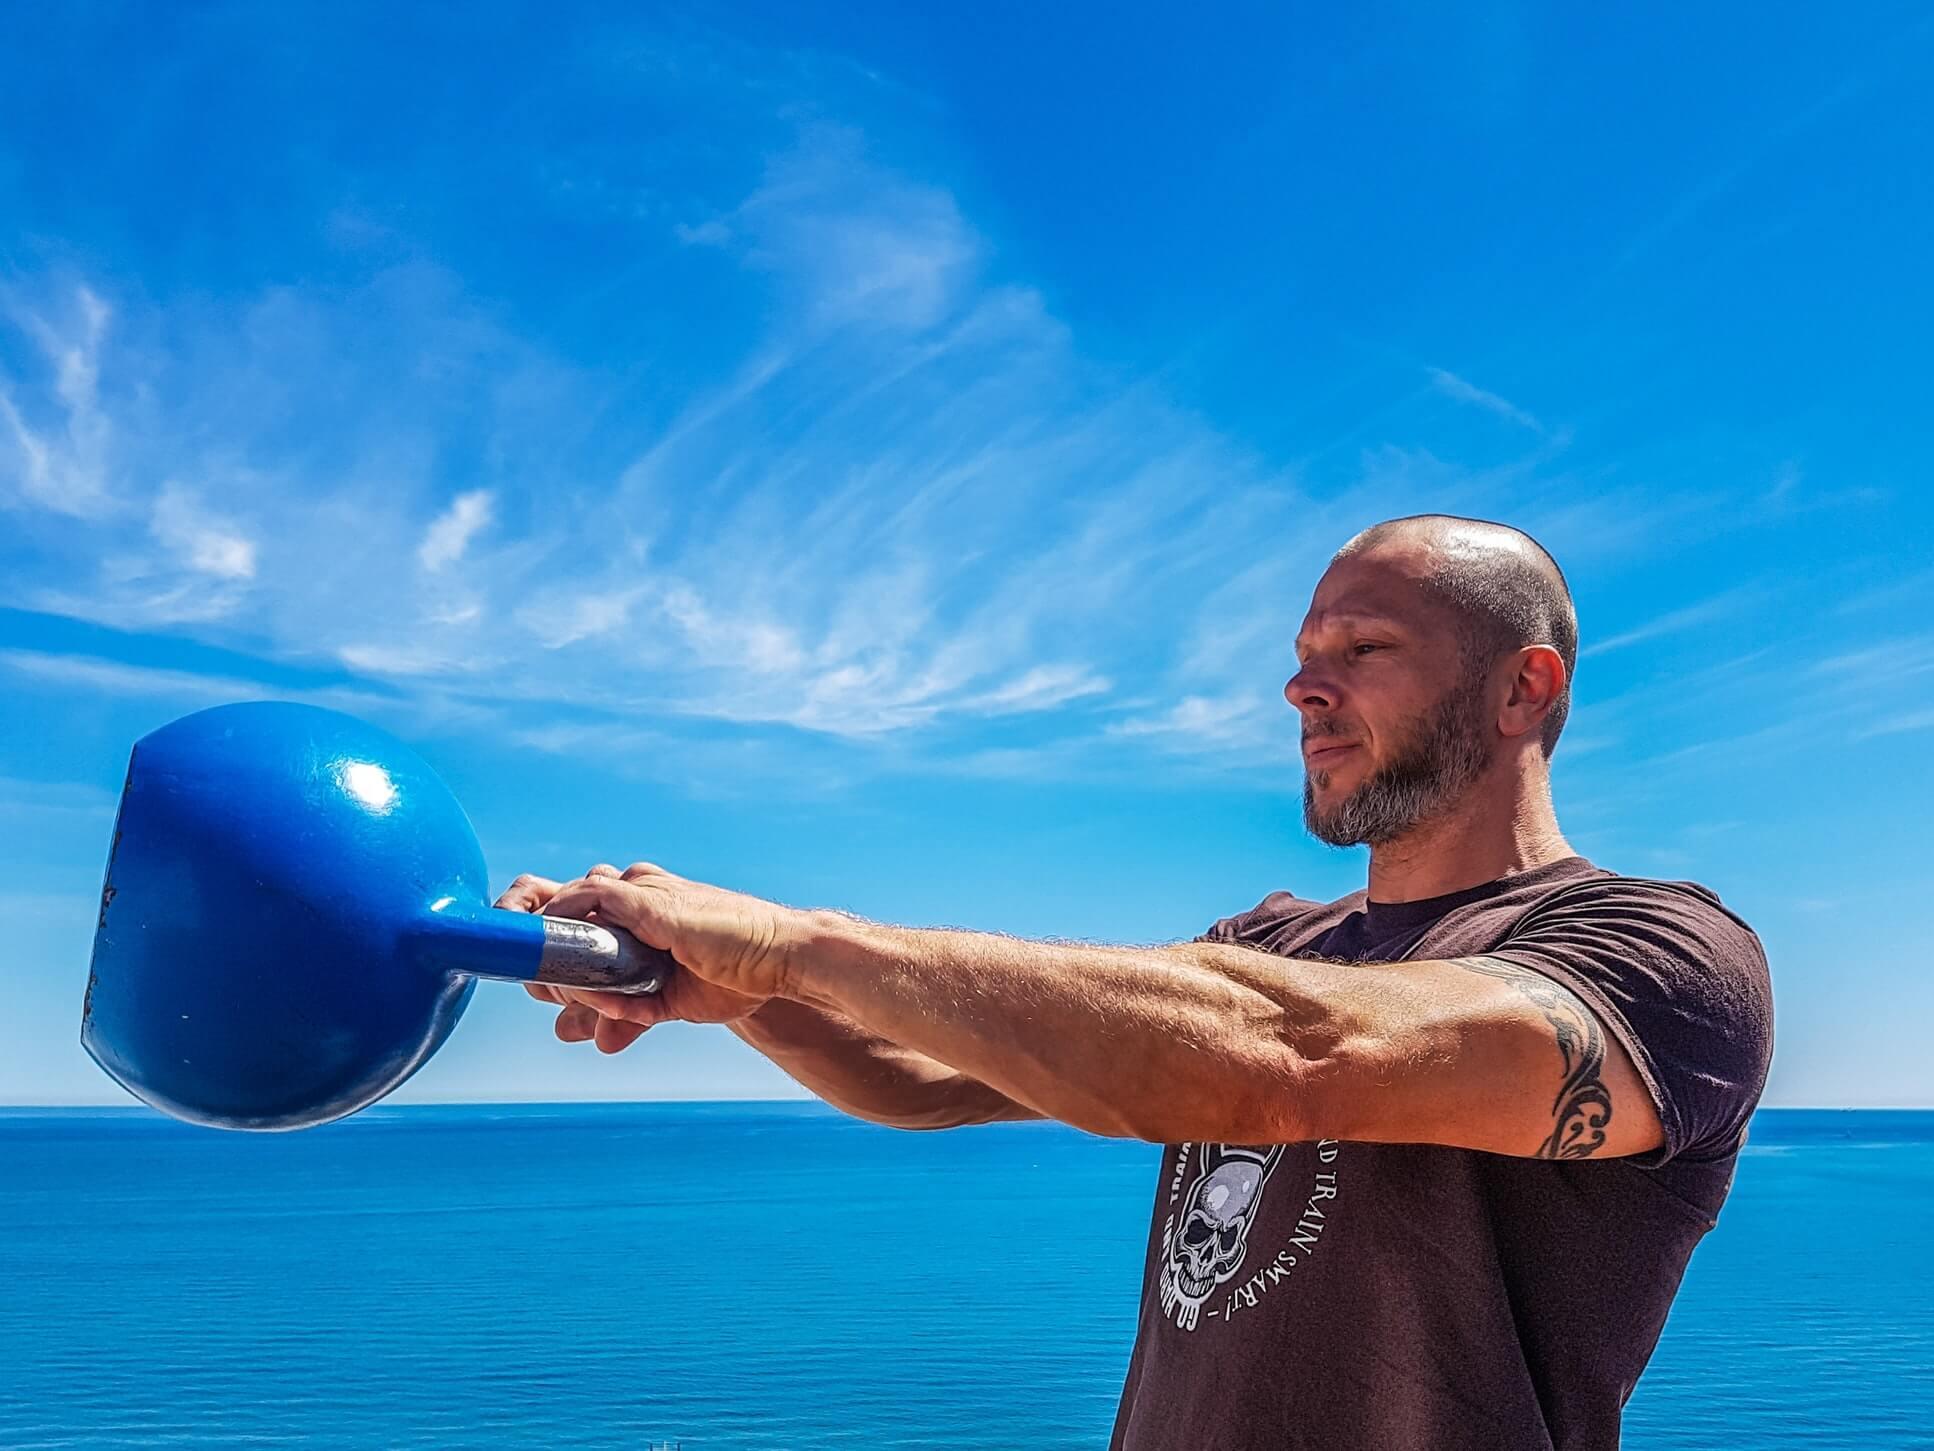 kettlebell-training-blauerhimmel